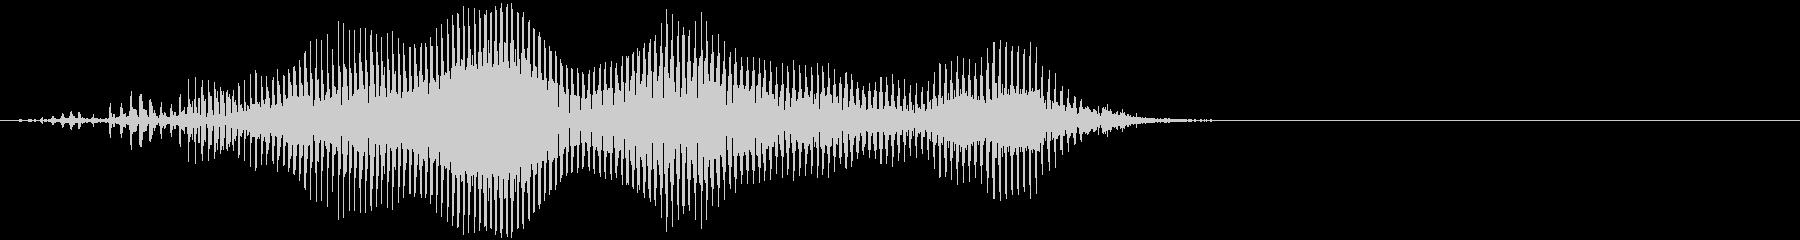 「猫の鳴き声009」ごろにゃーおver2の未再生の波形